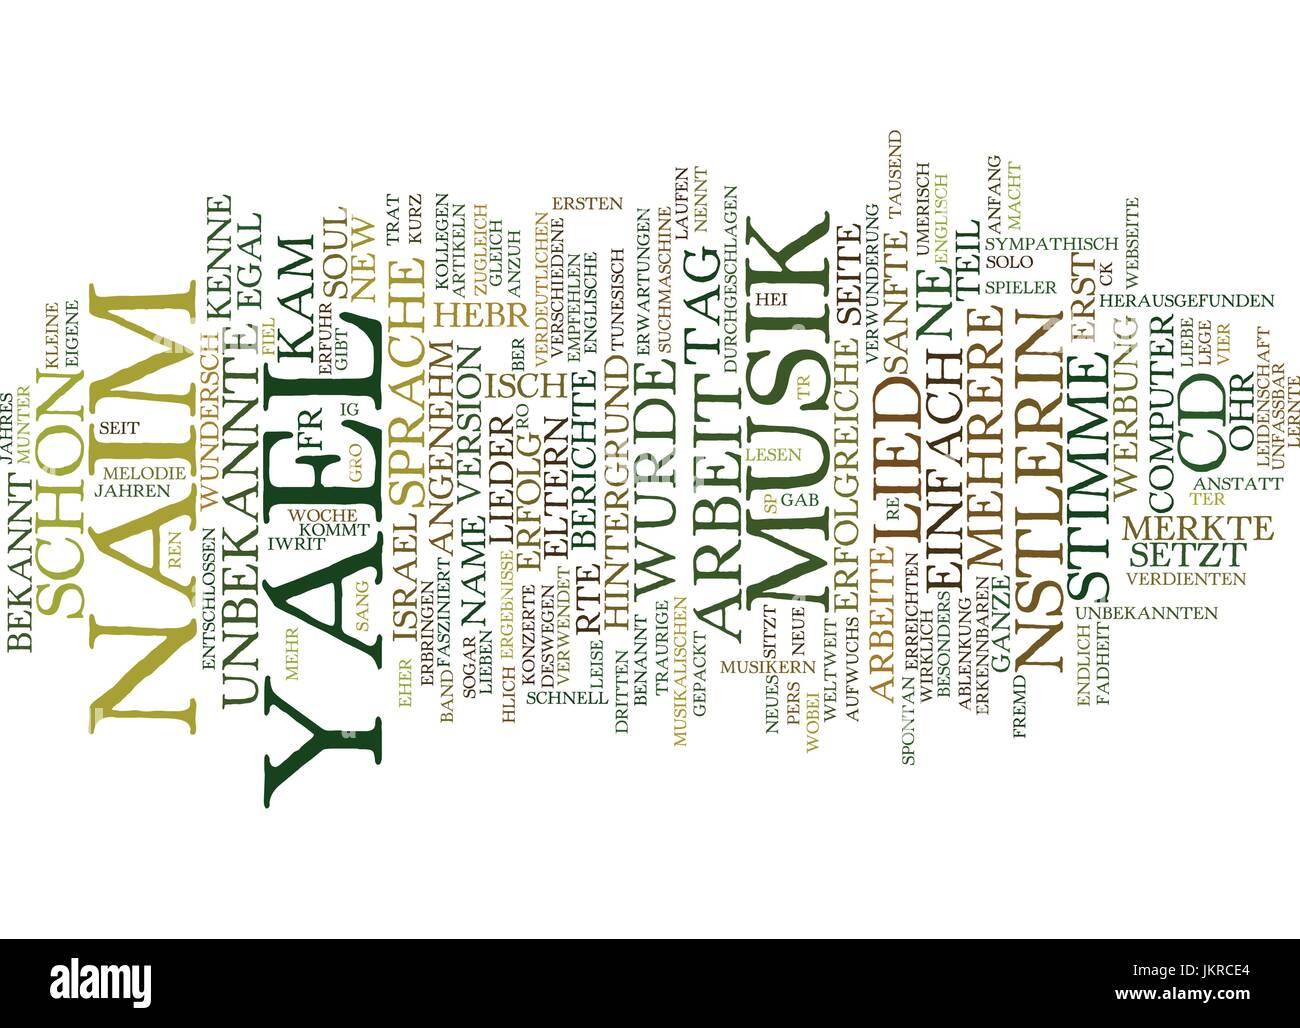 Yael Naim was fr eine Knstlerin Text Background Word Cloud Concept - Stock Vector